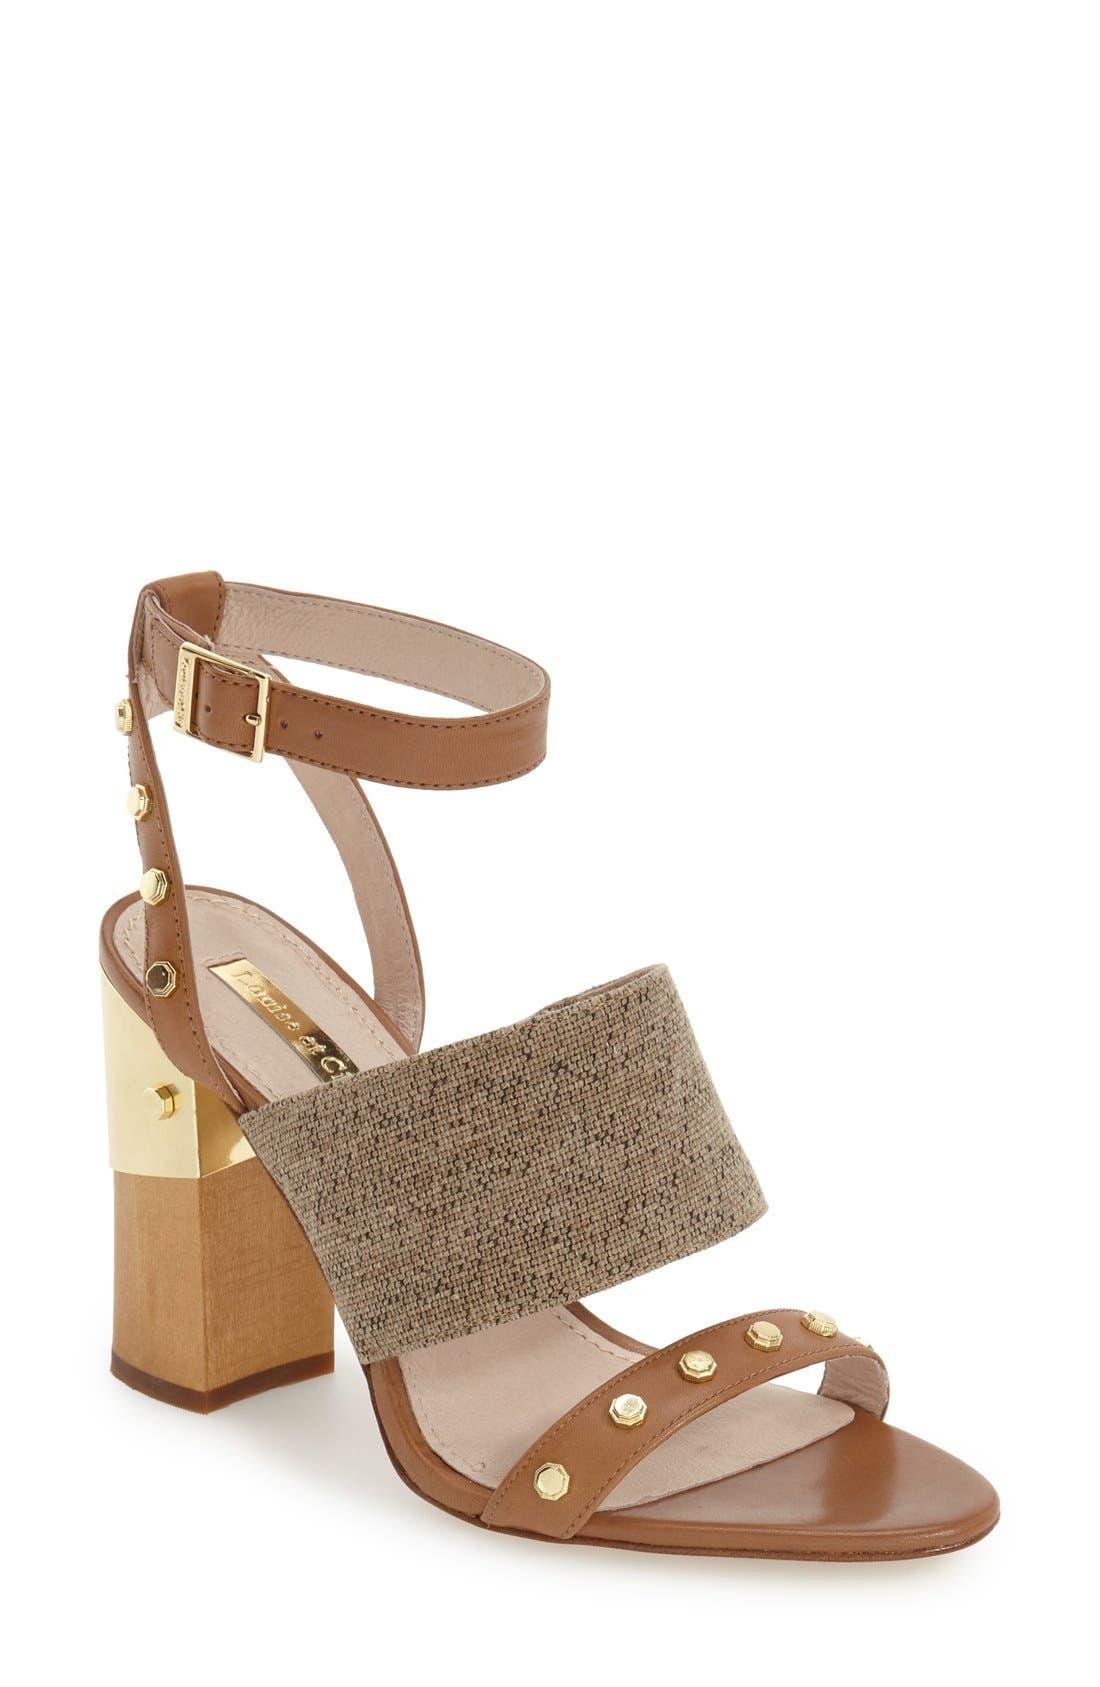 Alternate Image 1 Selected - Louise et Cie 'Kellyn' Studded Sandal (Women)